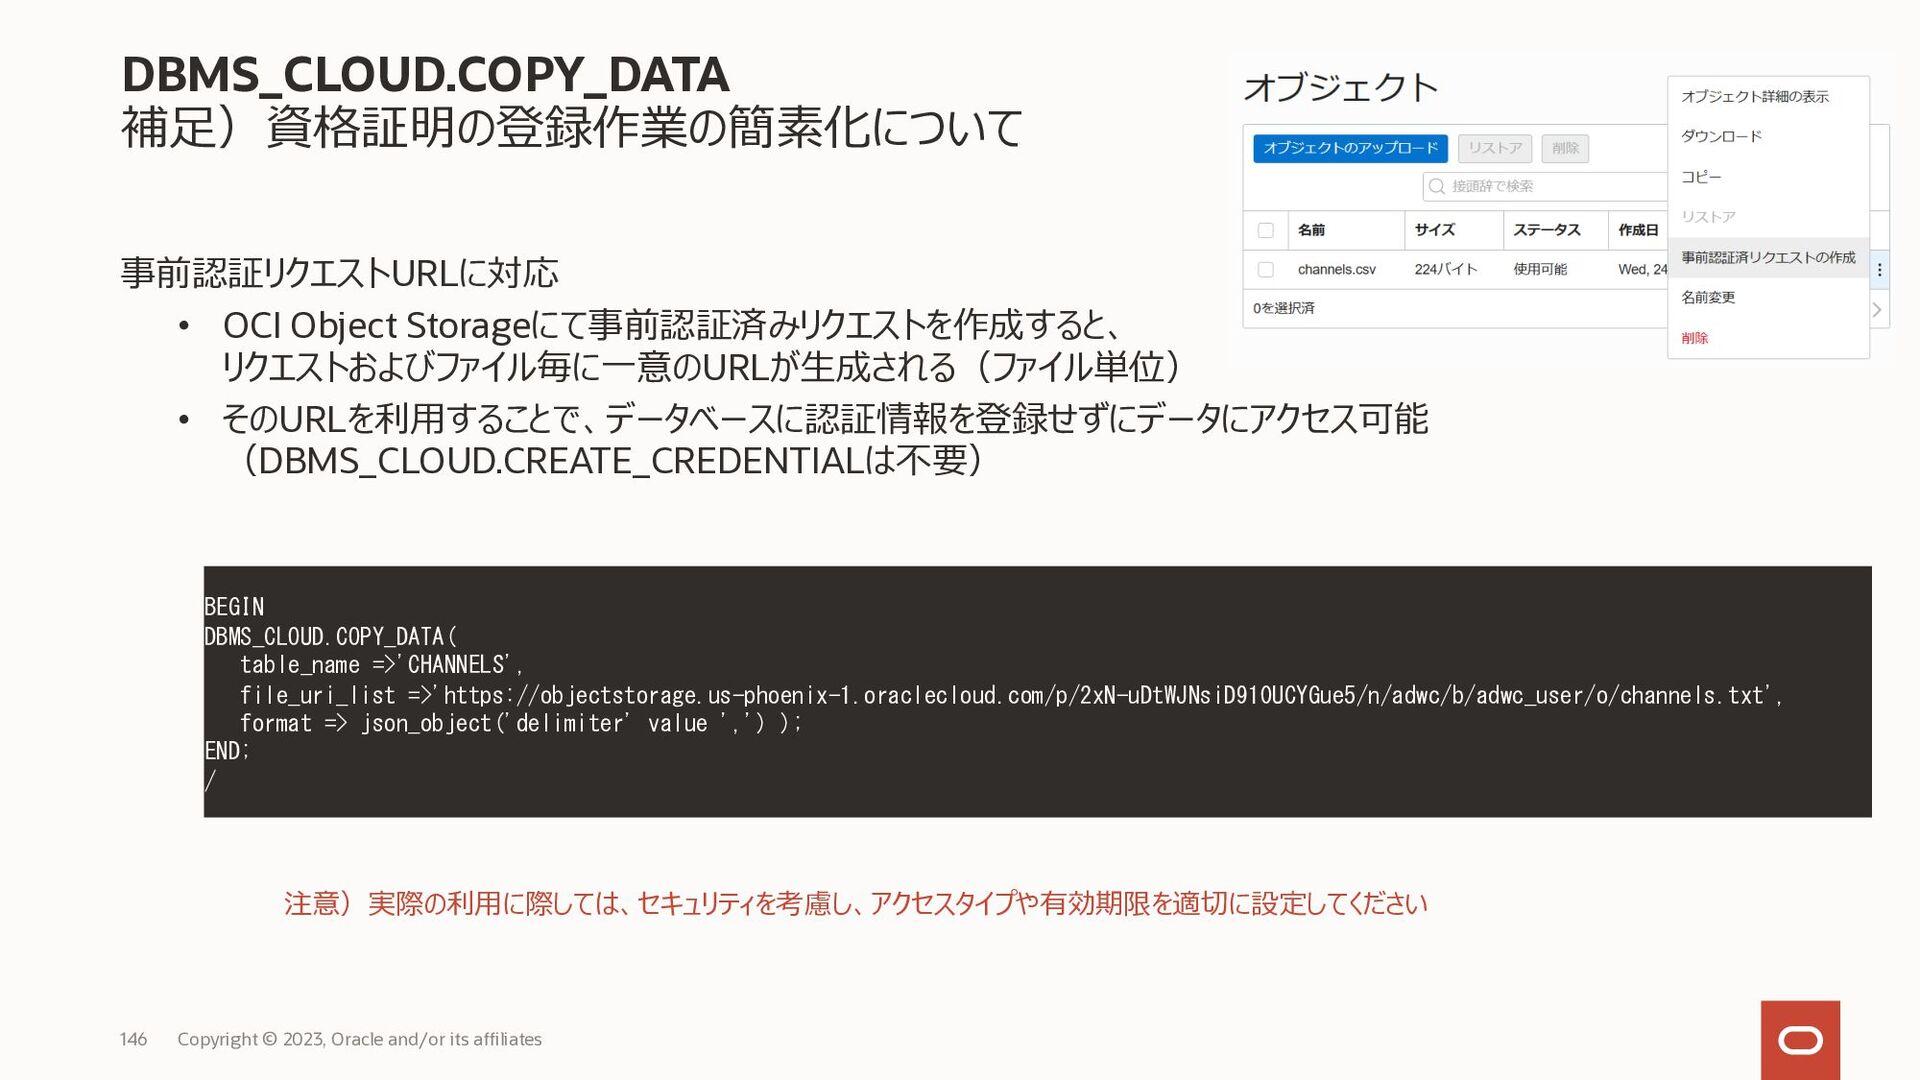 参考) HTTP Proxyを利用した接続方法 Copyright © 2020, Oracl...